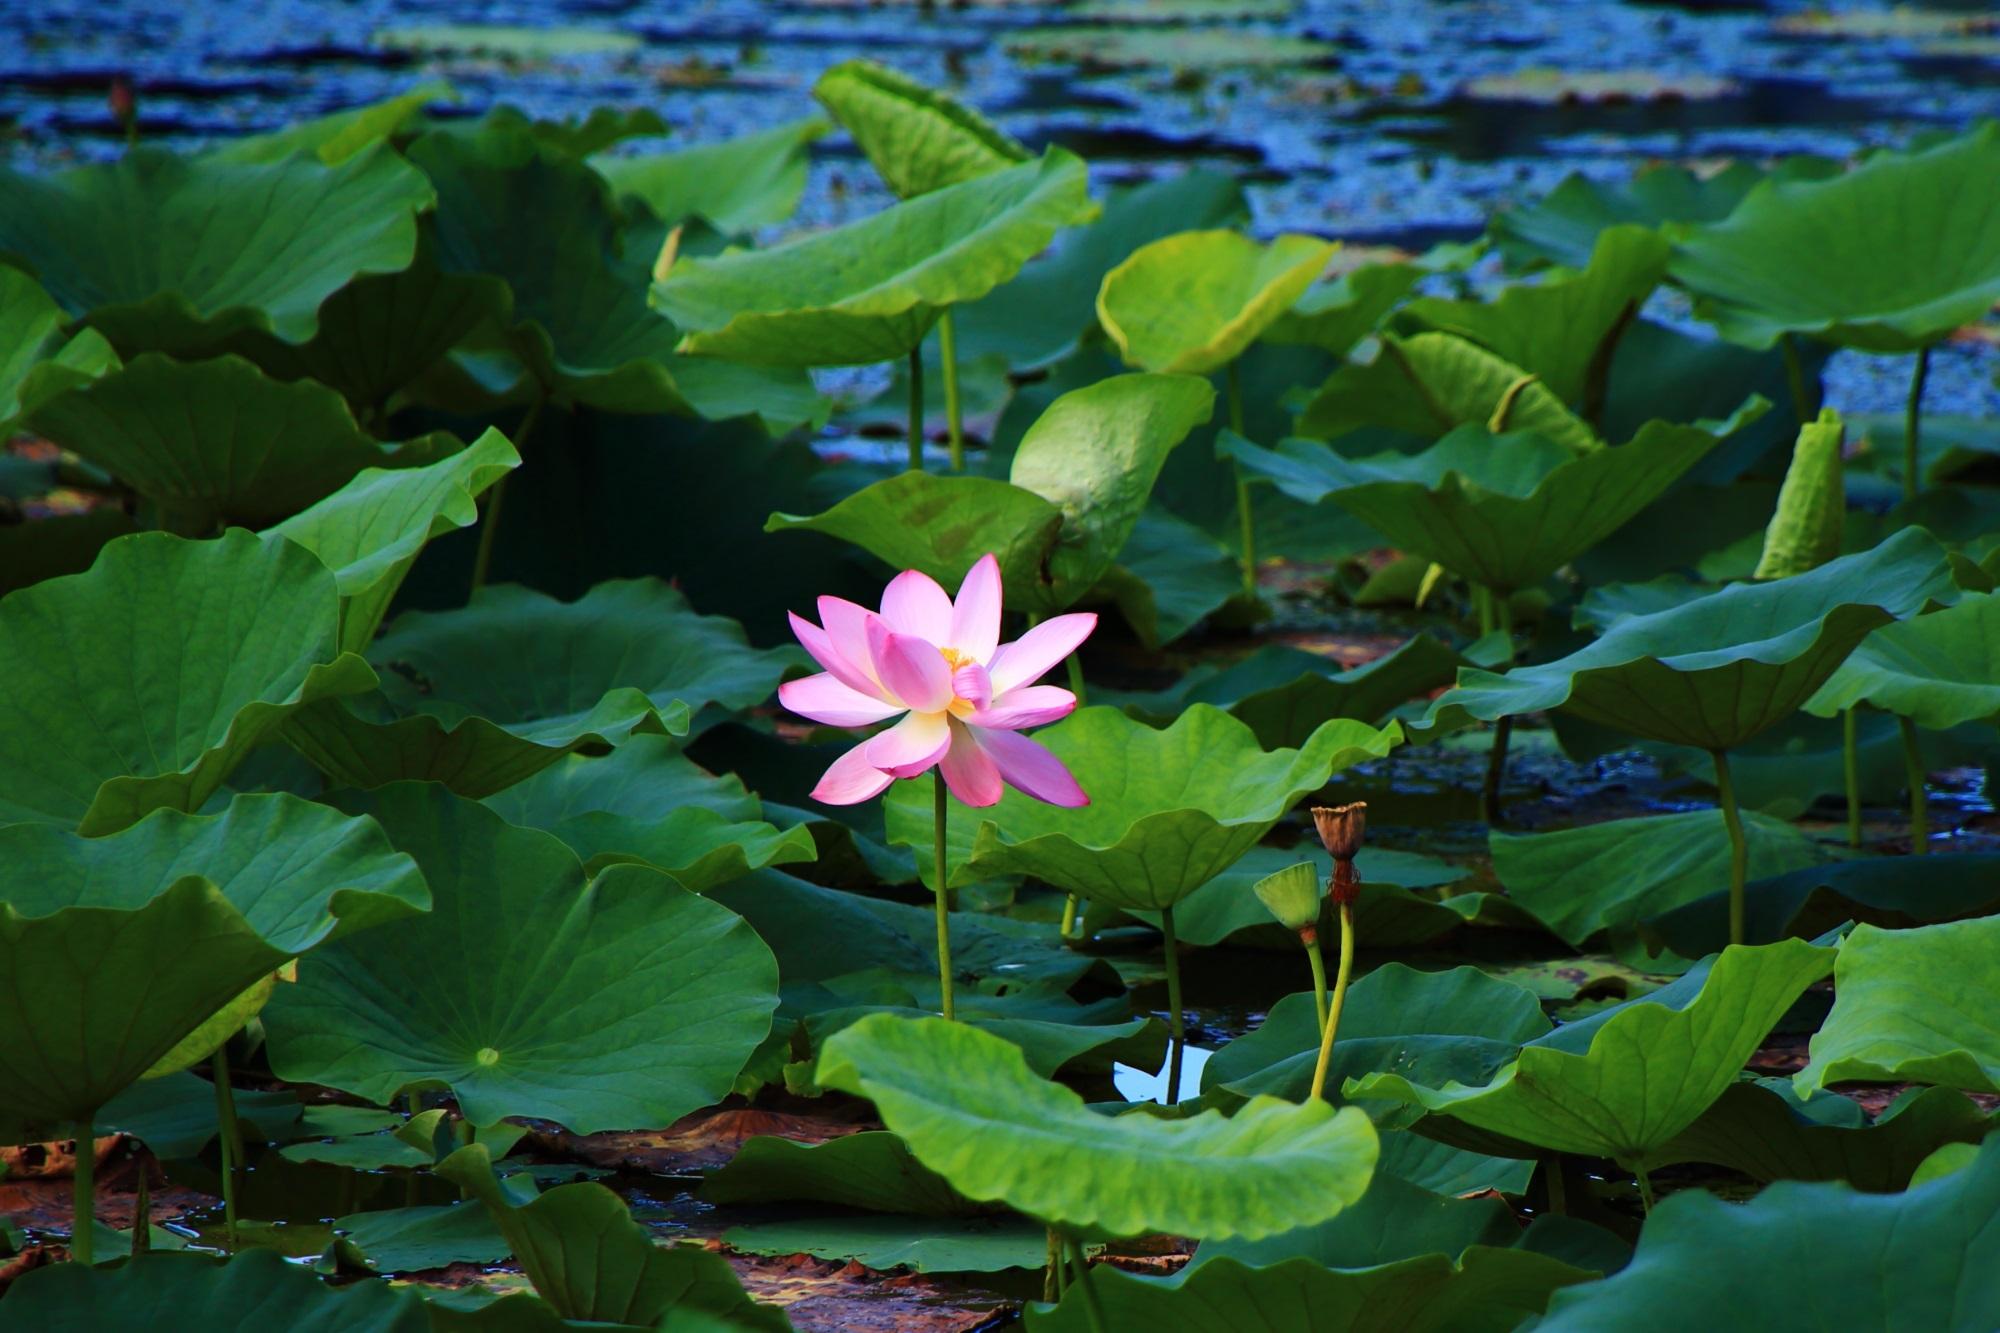 大覚寺の優雅に咲き誇る一輪の蓮の花